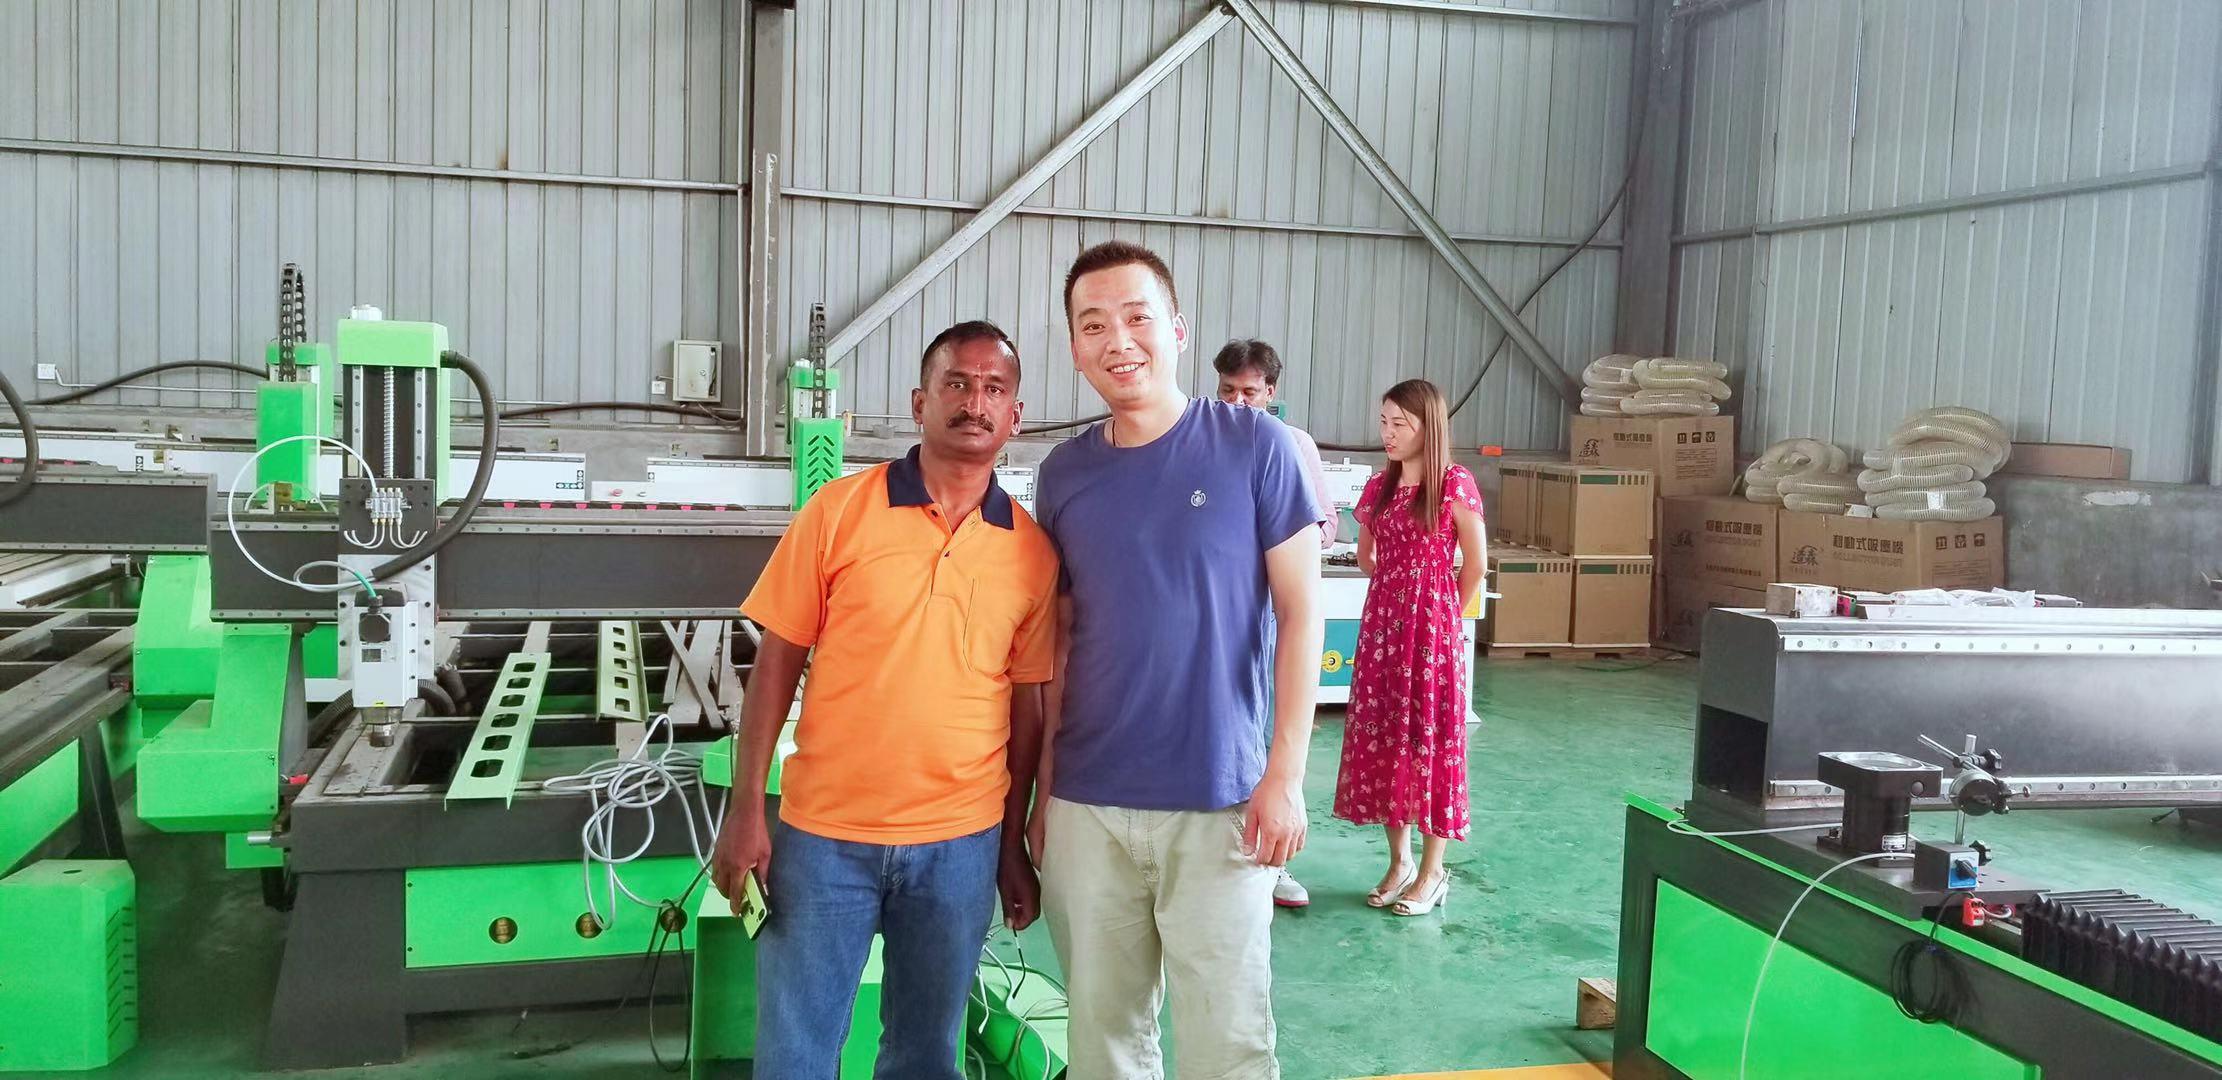 27, Hulyo, 2019, ang mga customer sa India ay dumating sa aming pabrika